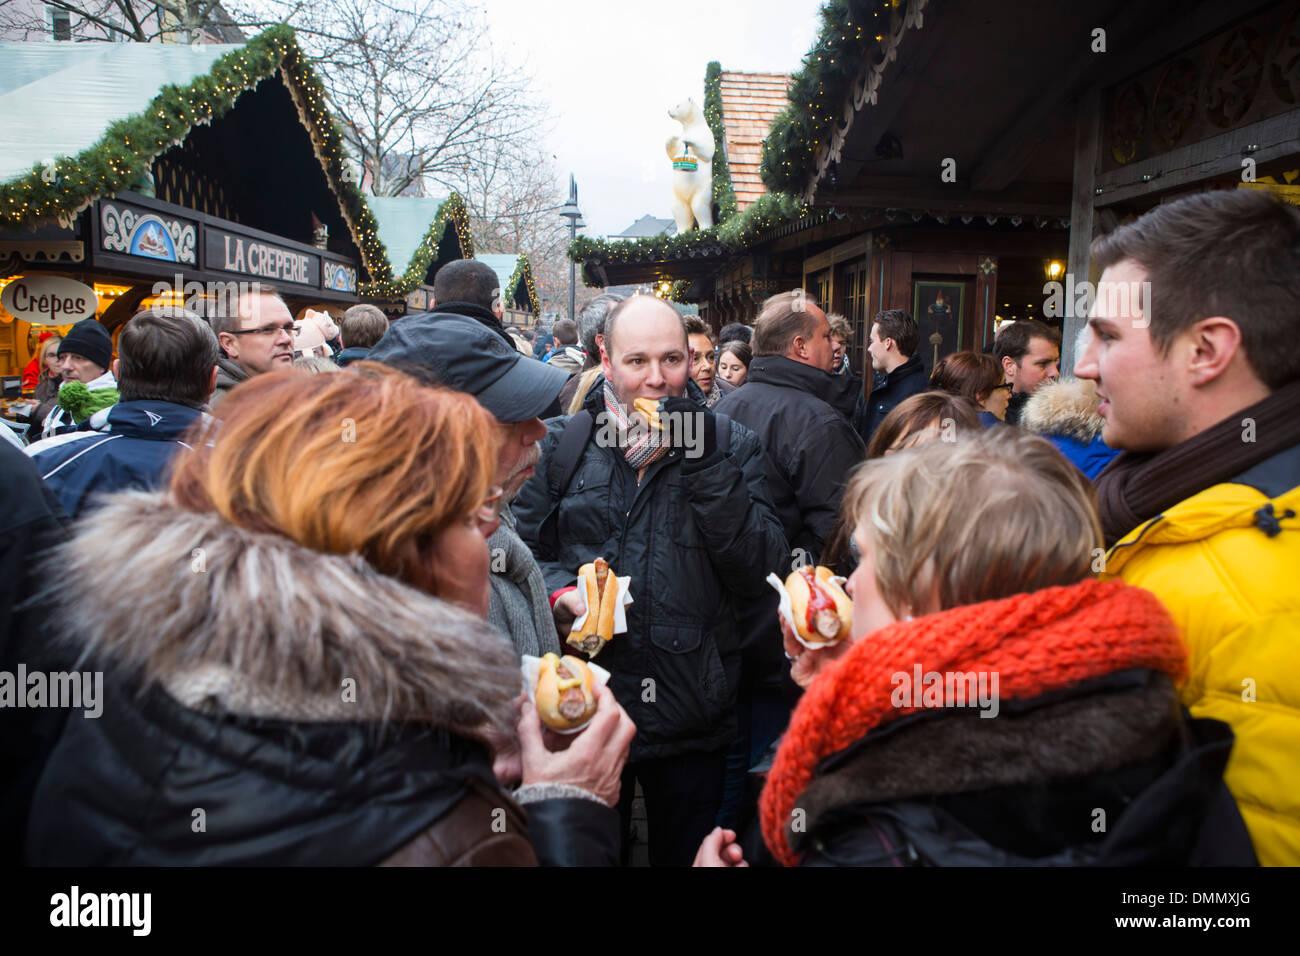 Mercado de Navidad de Colonia: gente comiendo salchichas de rollo en el Altstadt o la parte antigua de la ciudad Imagen De Stock